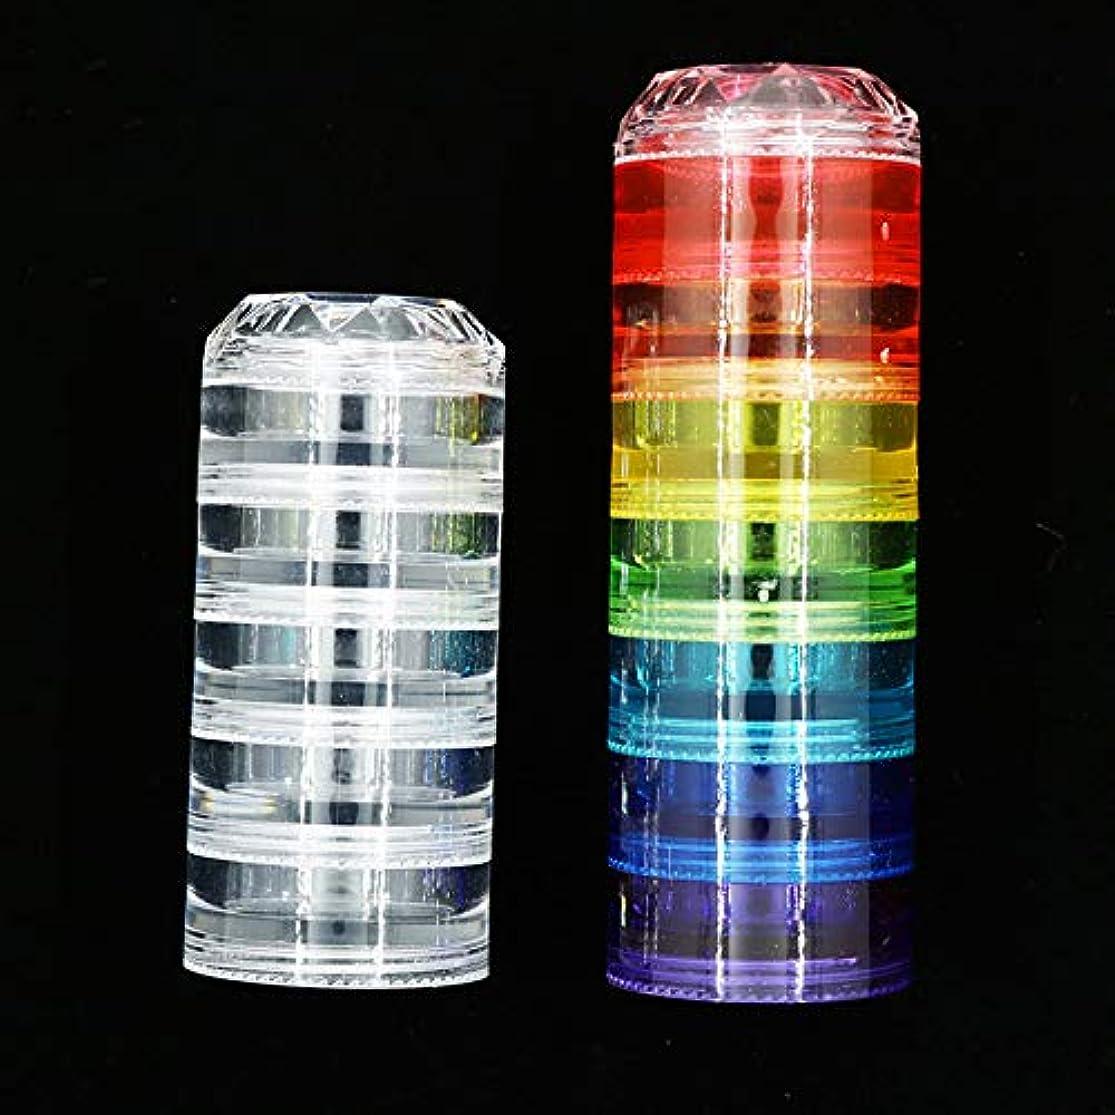 パニック聖職者許される新しいダイヤモンドシャム空箱セット12層レインボー多色ネイルジュエリーアクセサリー収納ボックス小さな部品瓶ツール